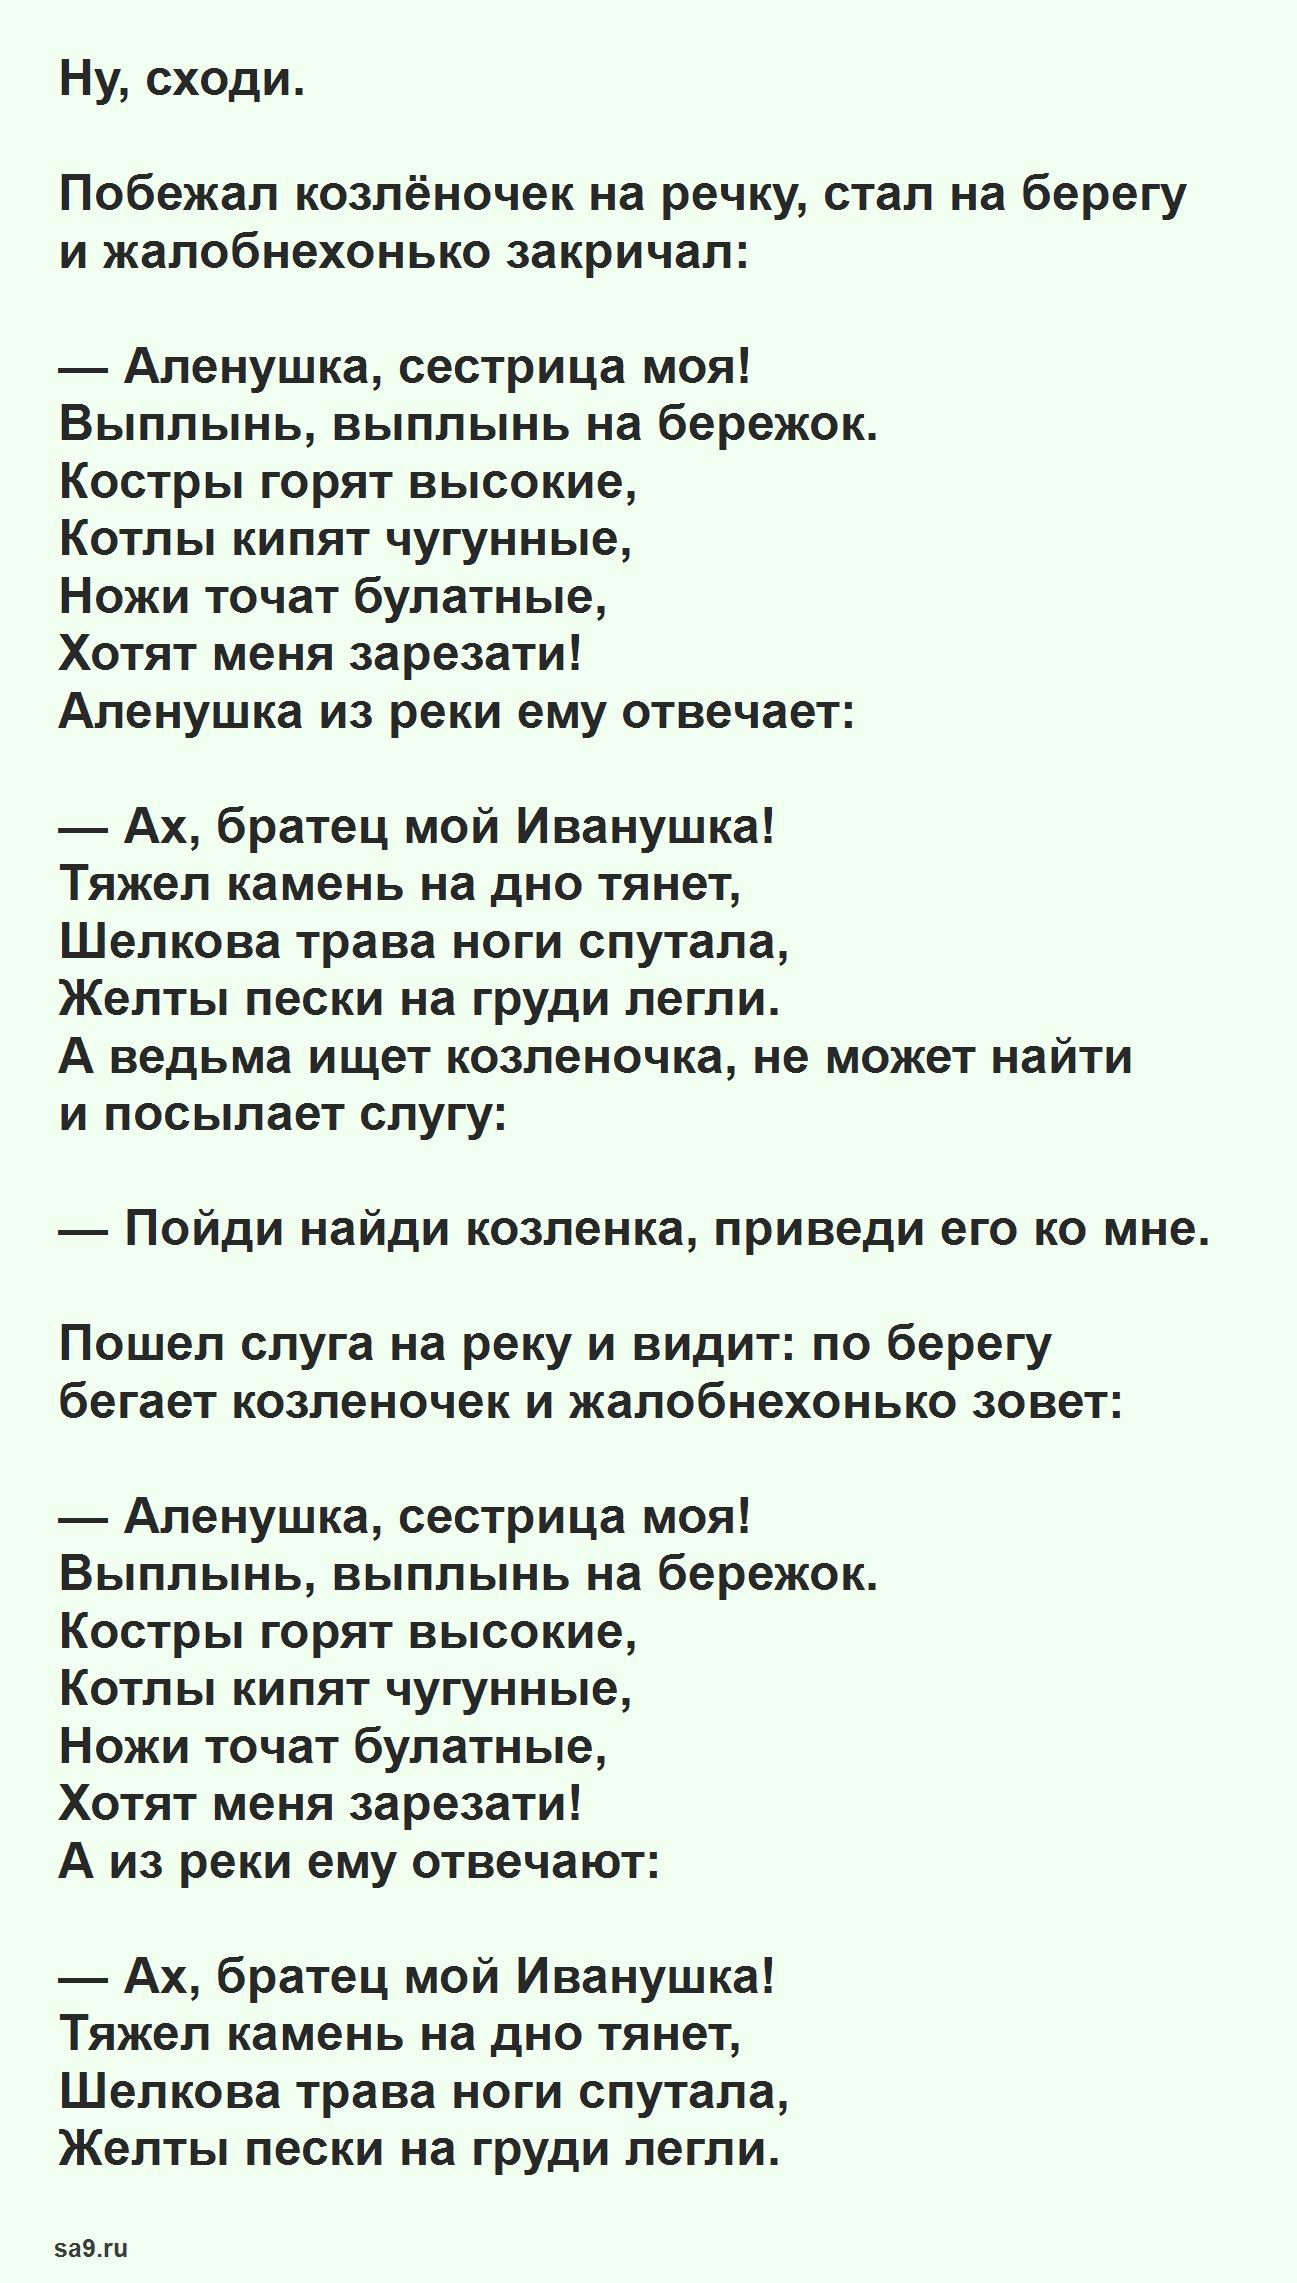 Читать русскую народную сказку - Сестрица Аленушка и братец Иванушка, для детей